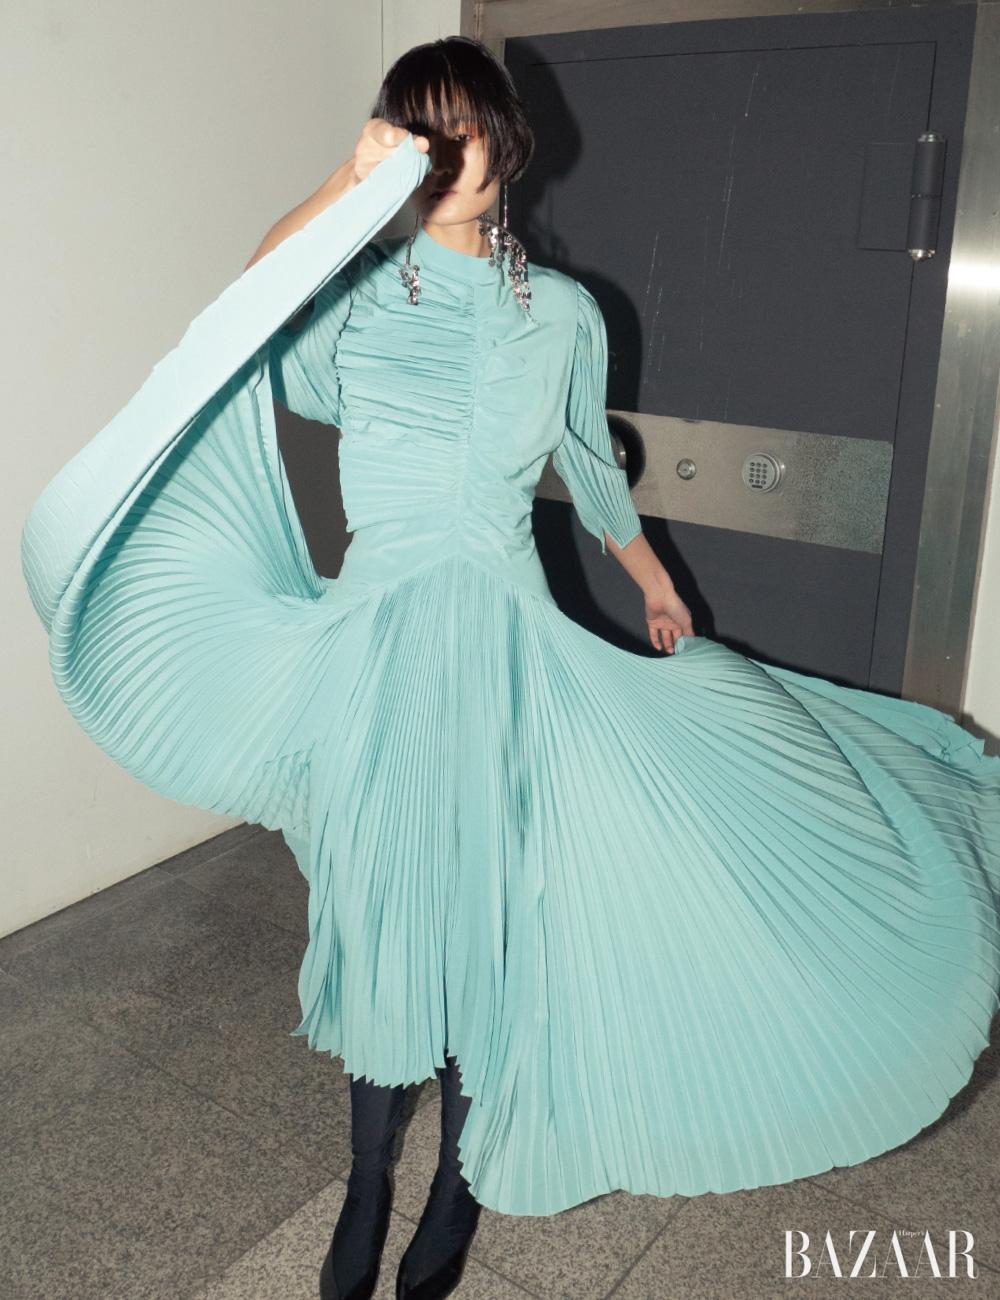 드레스, 귀고리, 부츠는 모두 Givenchy.